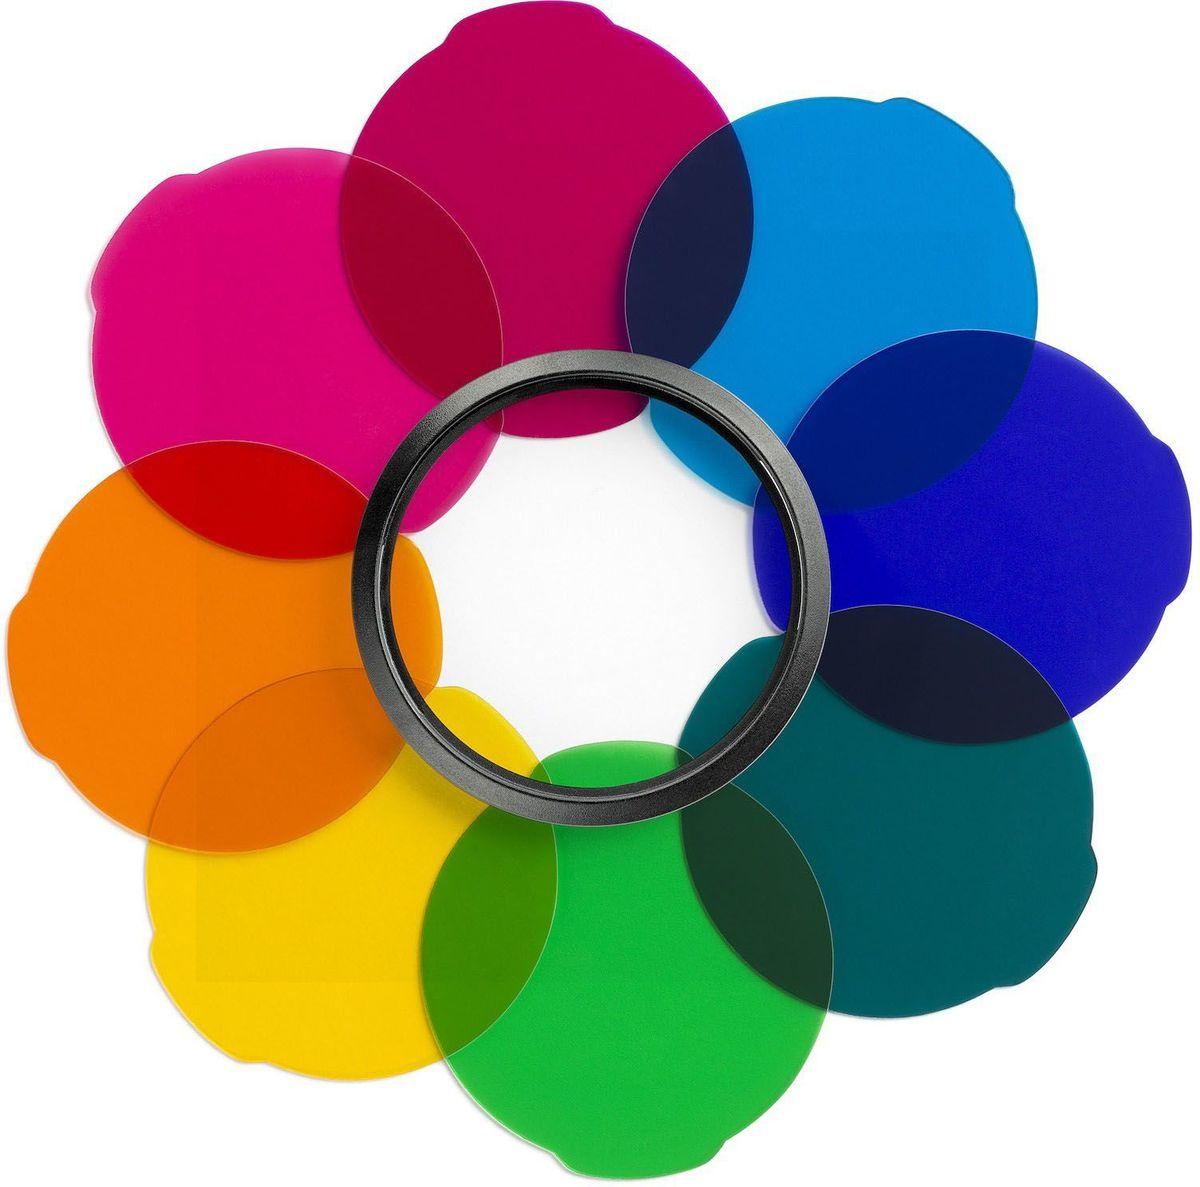 Manfrotto MLFILTERCOL, Black светофильтрMLFILTERCOLНабор фильтров Multicolour серии LUMIE разработан, чтобы дополнить универсальность и удобство в использовании светильников LUMIE Muse и LUMIE Art. Набор Multicolour, состоящий из 8ми цветных фильтров, призван помочь вам в создании уникальных и интересных фото и видео.В набор входят следующие фильтры:• Темно Синий• Темно Фиолетовый• Светло Синий• Розовый• Фуксия• Оранжевый• Желтый• Зеленый